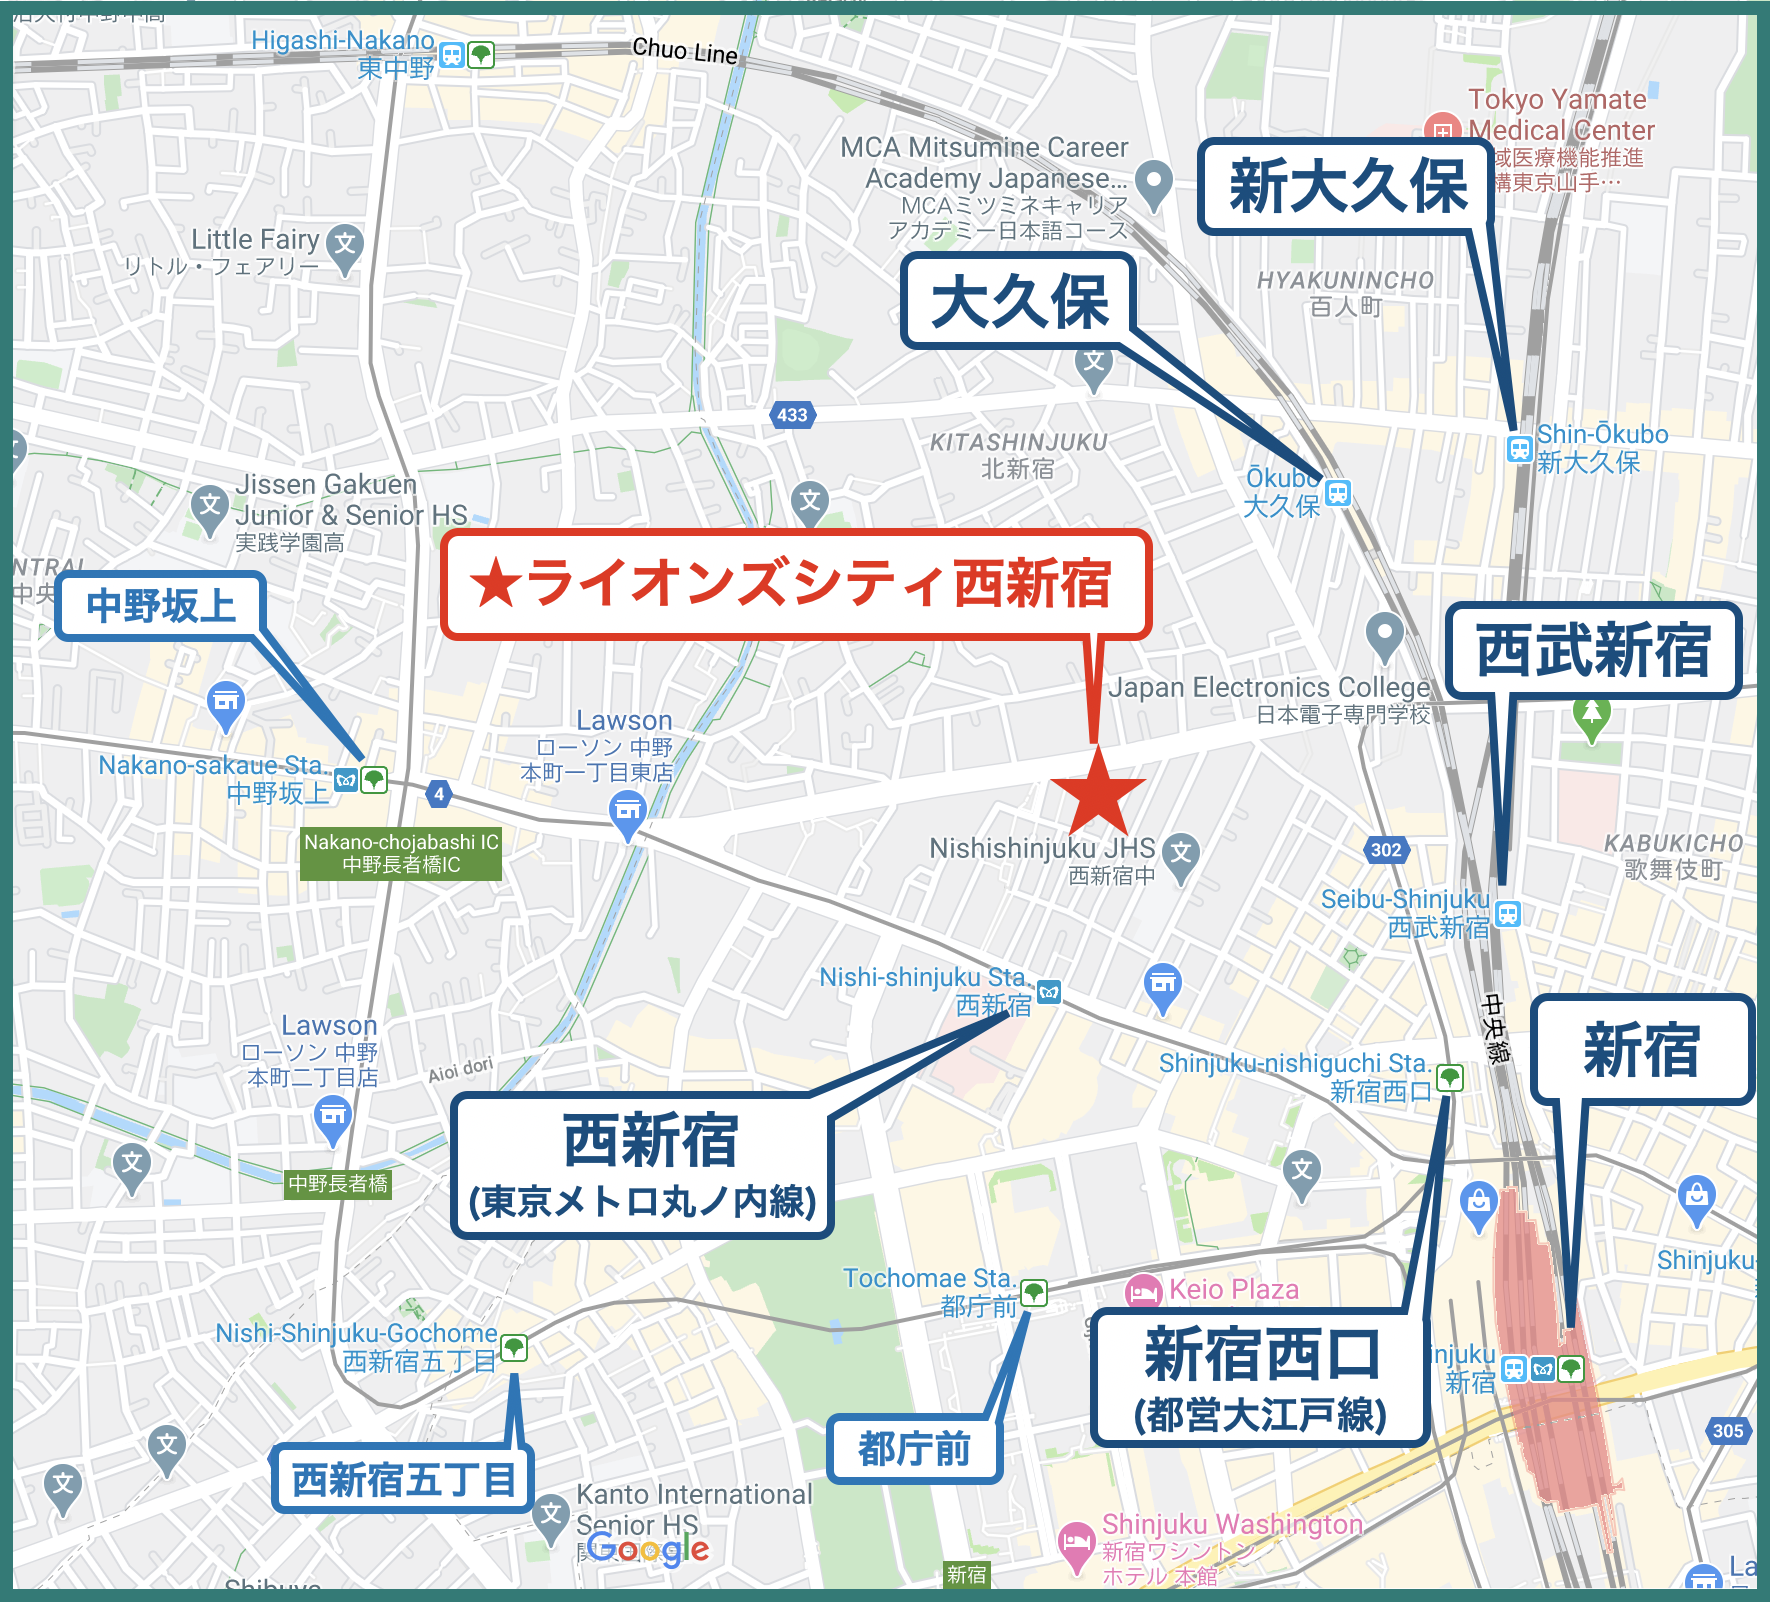 ライオンズシティ西新宿の立地